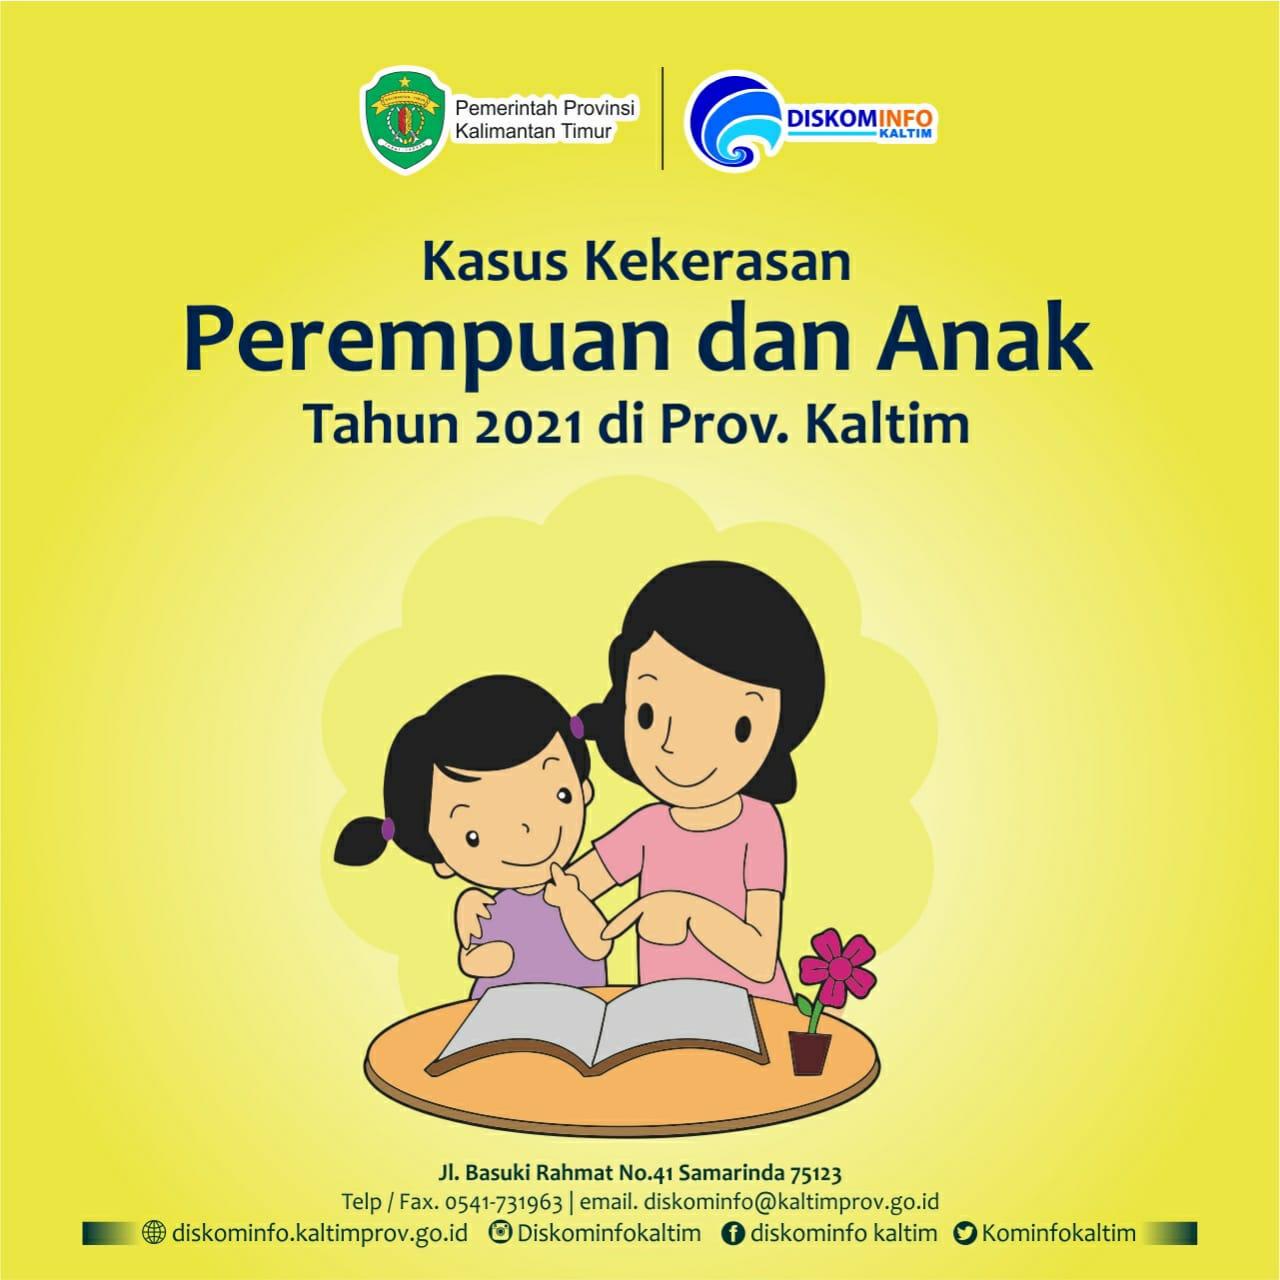 • Kasus Kekerasan Perempuan dan Anak Tahun 2021 di Provinsi Kalimantan Timur pada 3 (Tiga) Tahun Terakhir